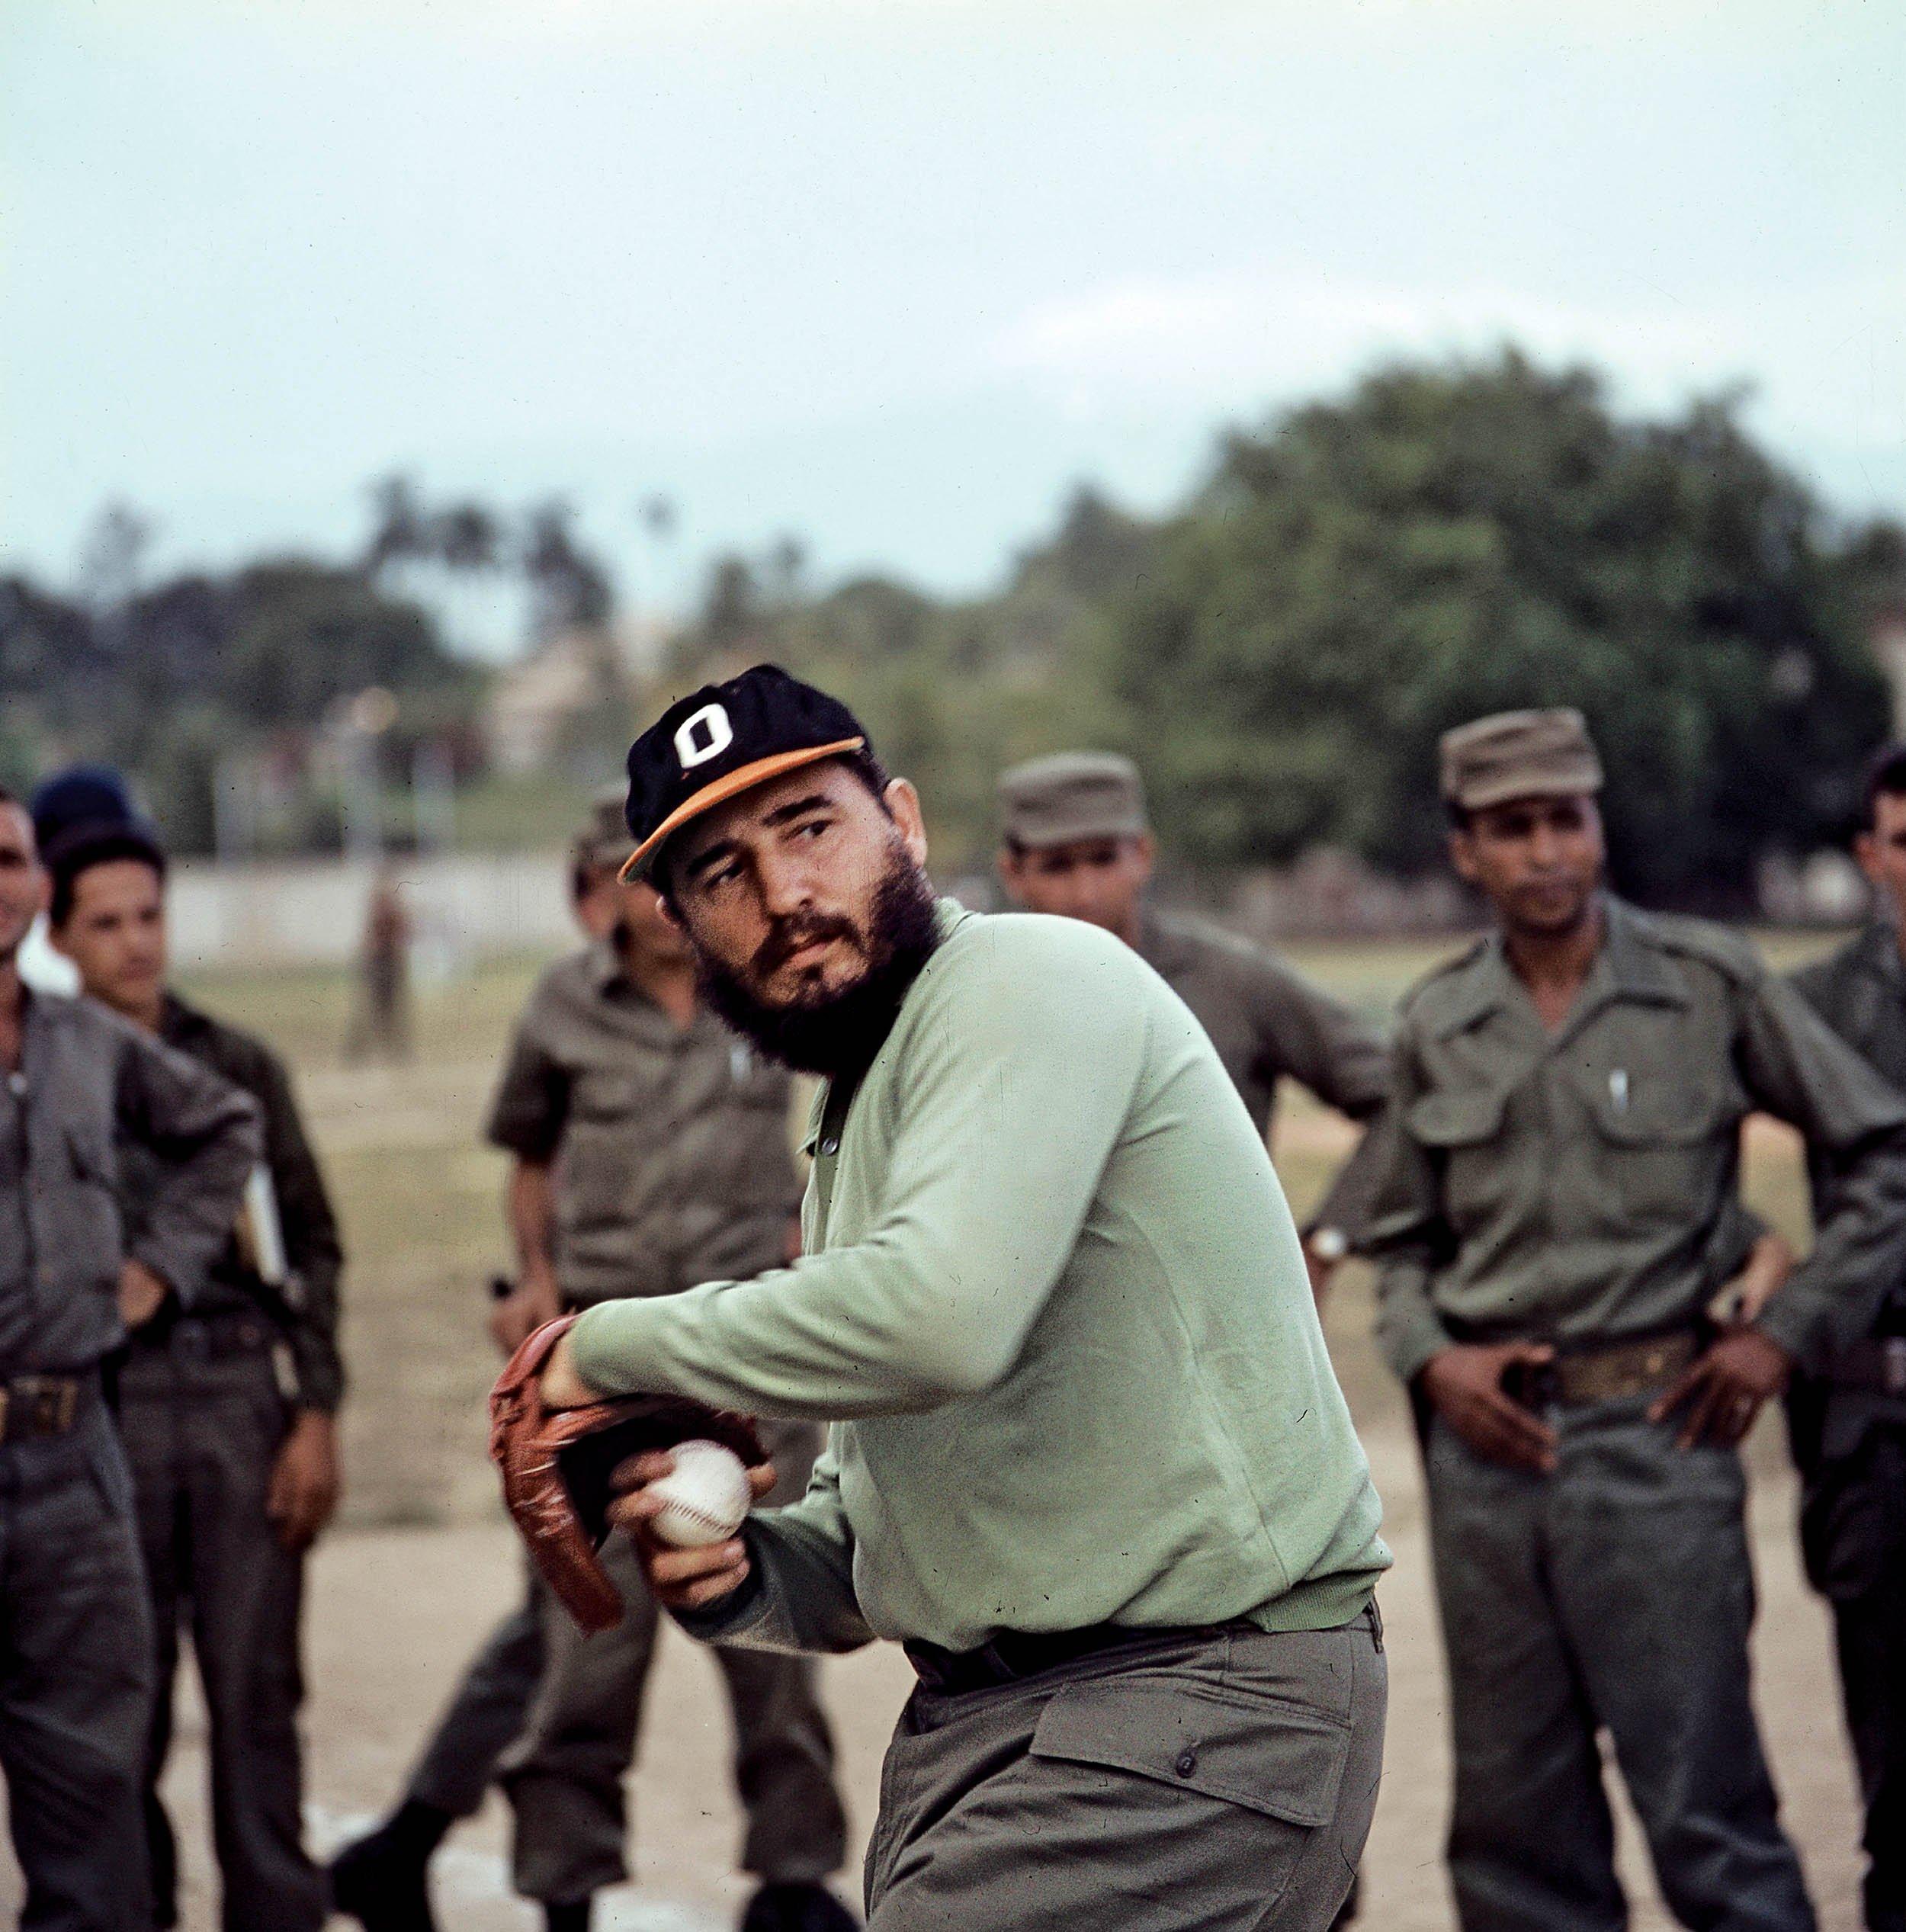 05_08_CubaBaseball_02